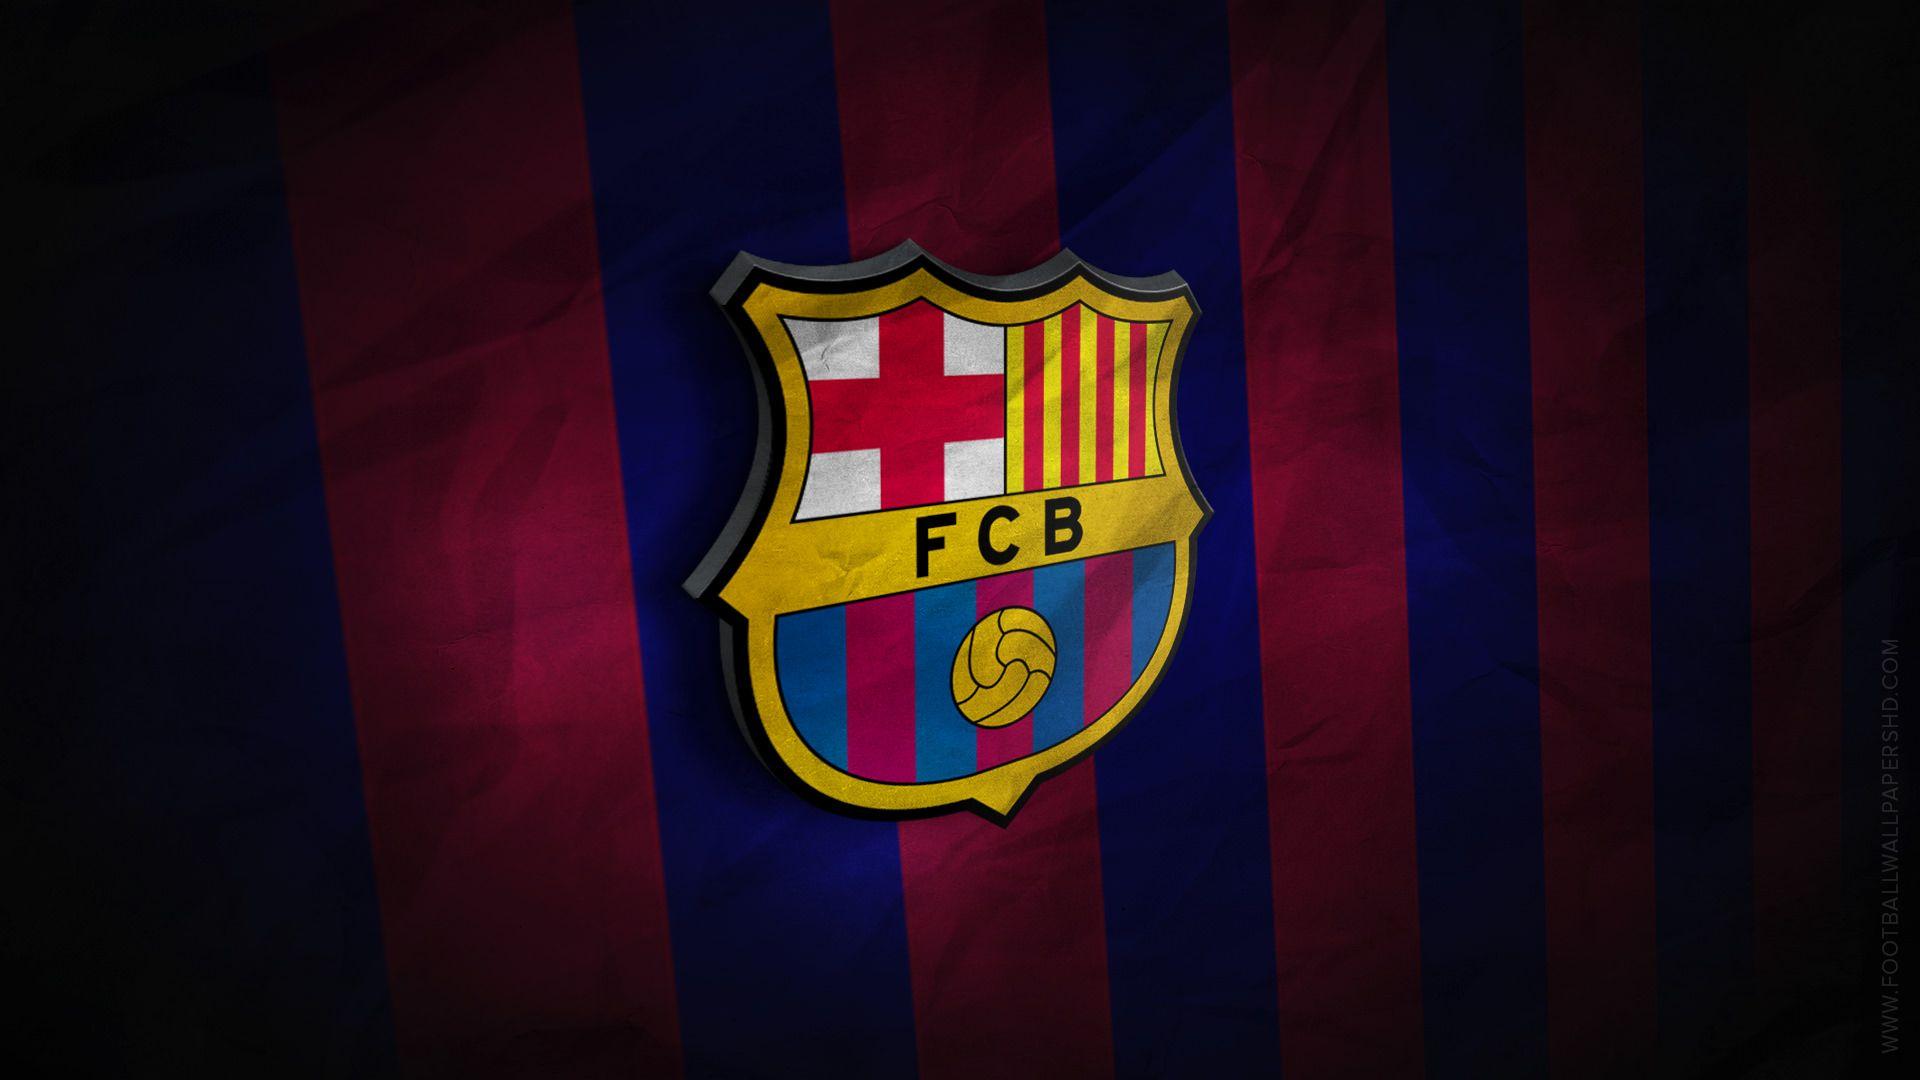 fc barcelona 3d logo wallpaper football wallpapers hd pinterest